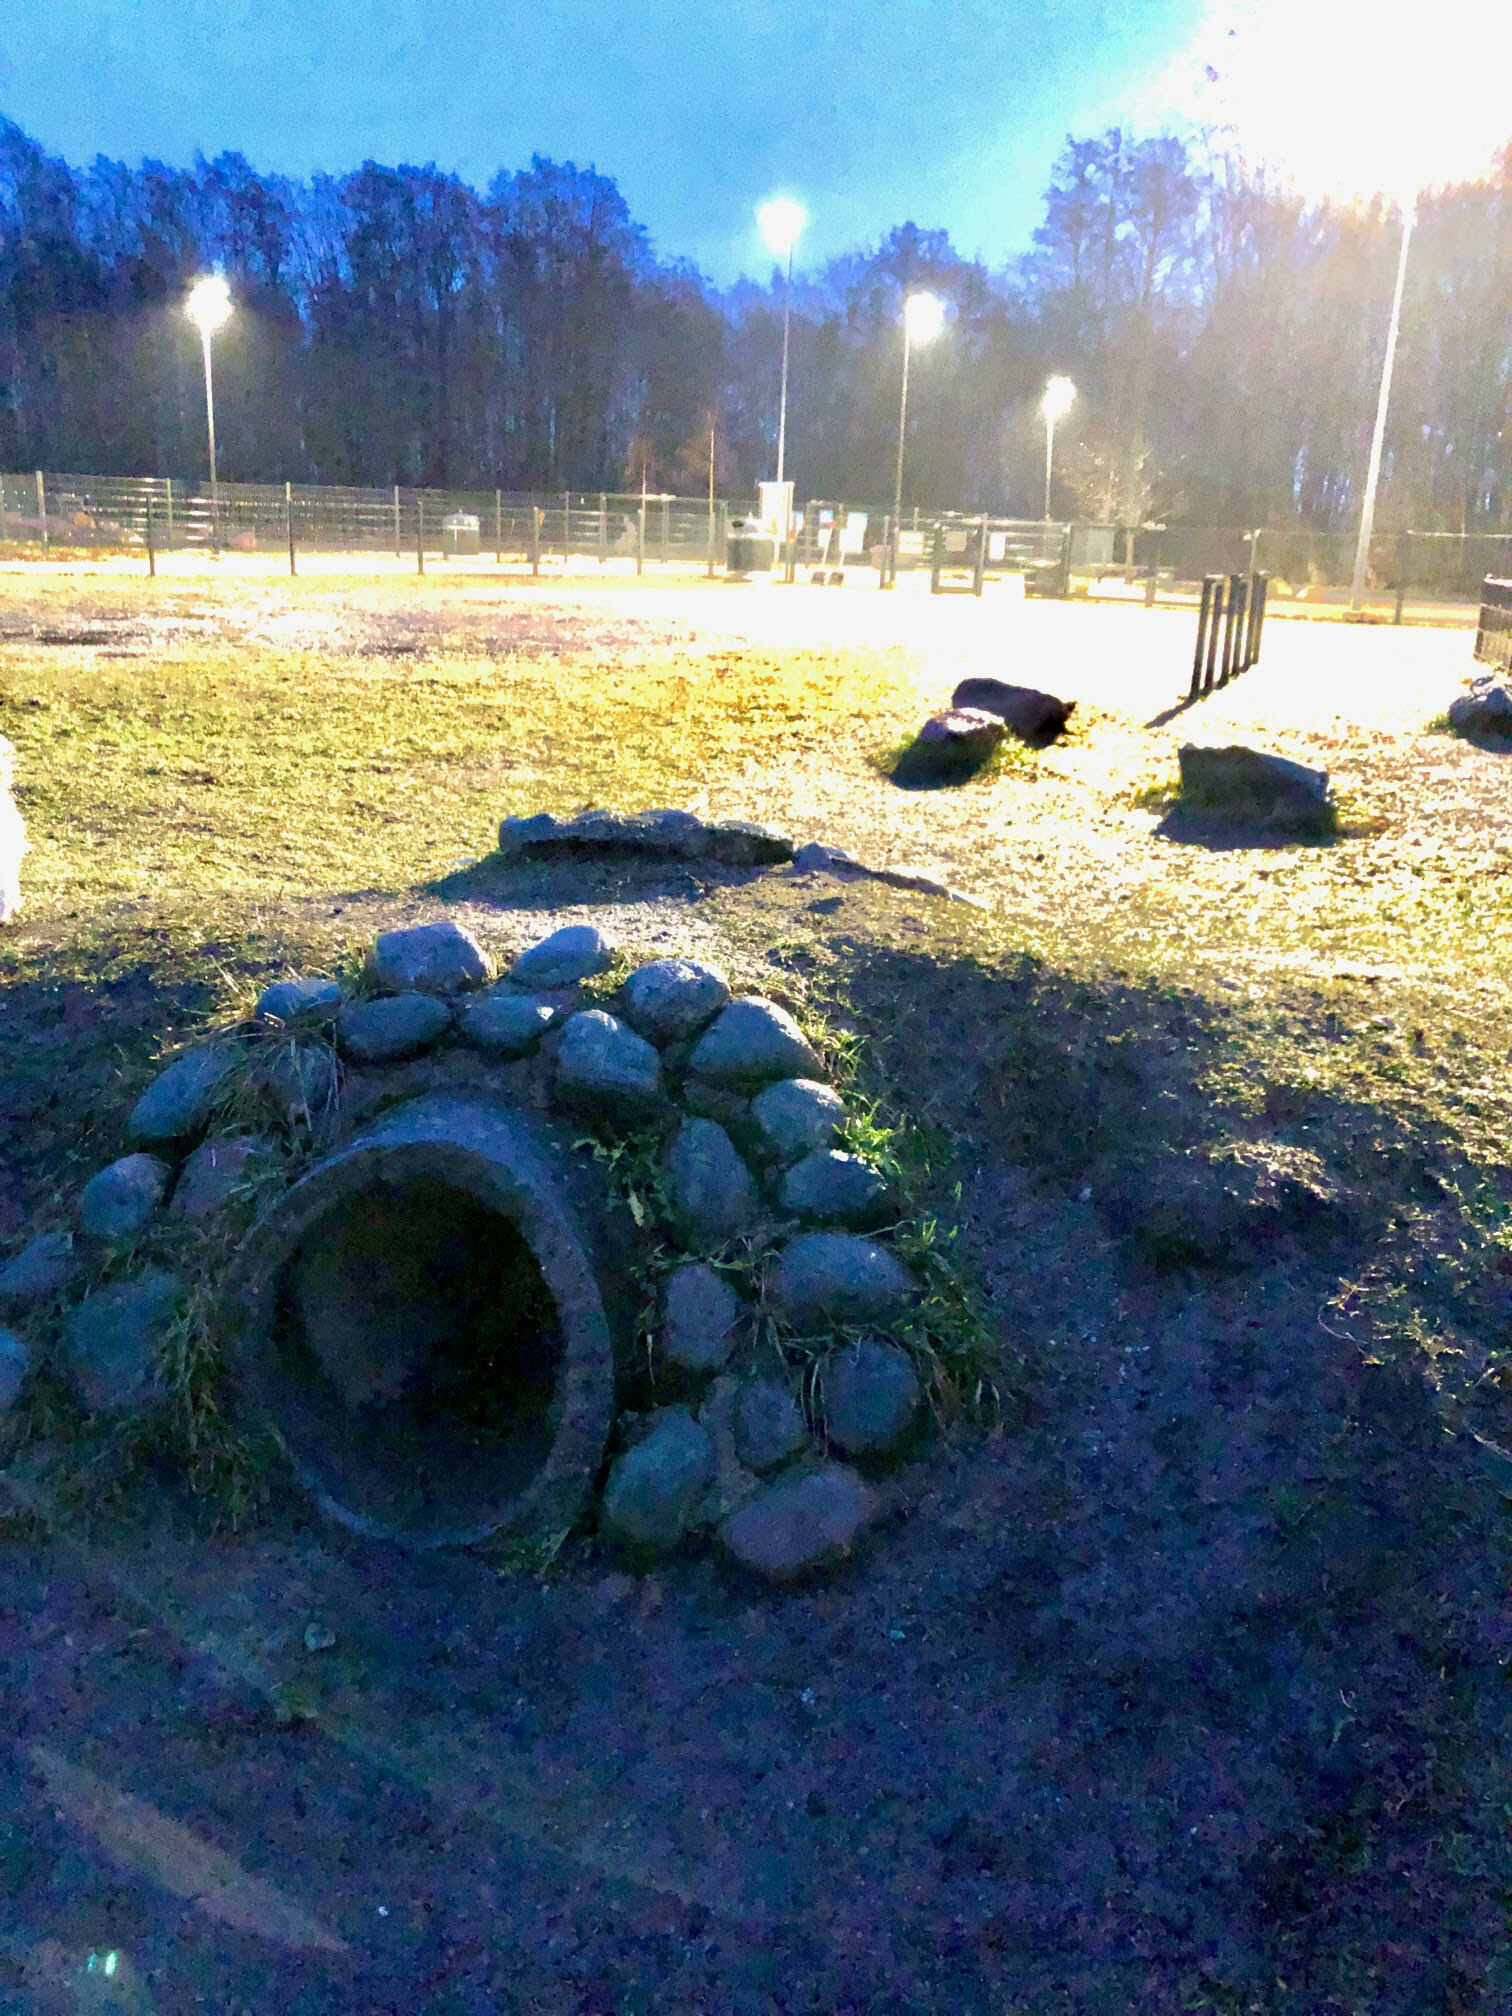 Pukinmäen ja Malmin koirapuistojen kehittäminen